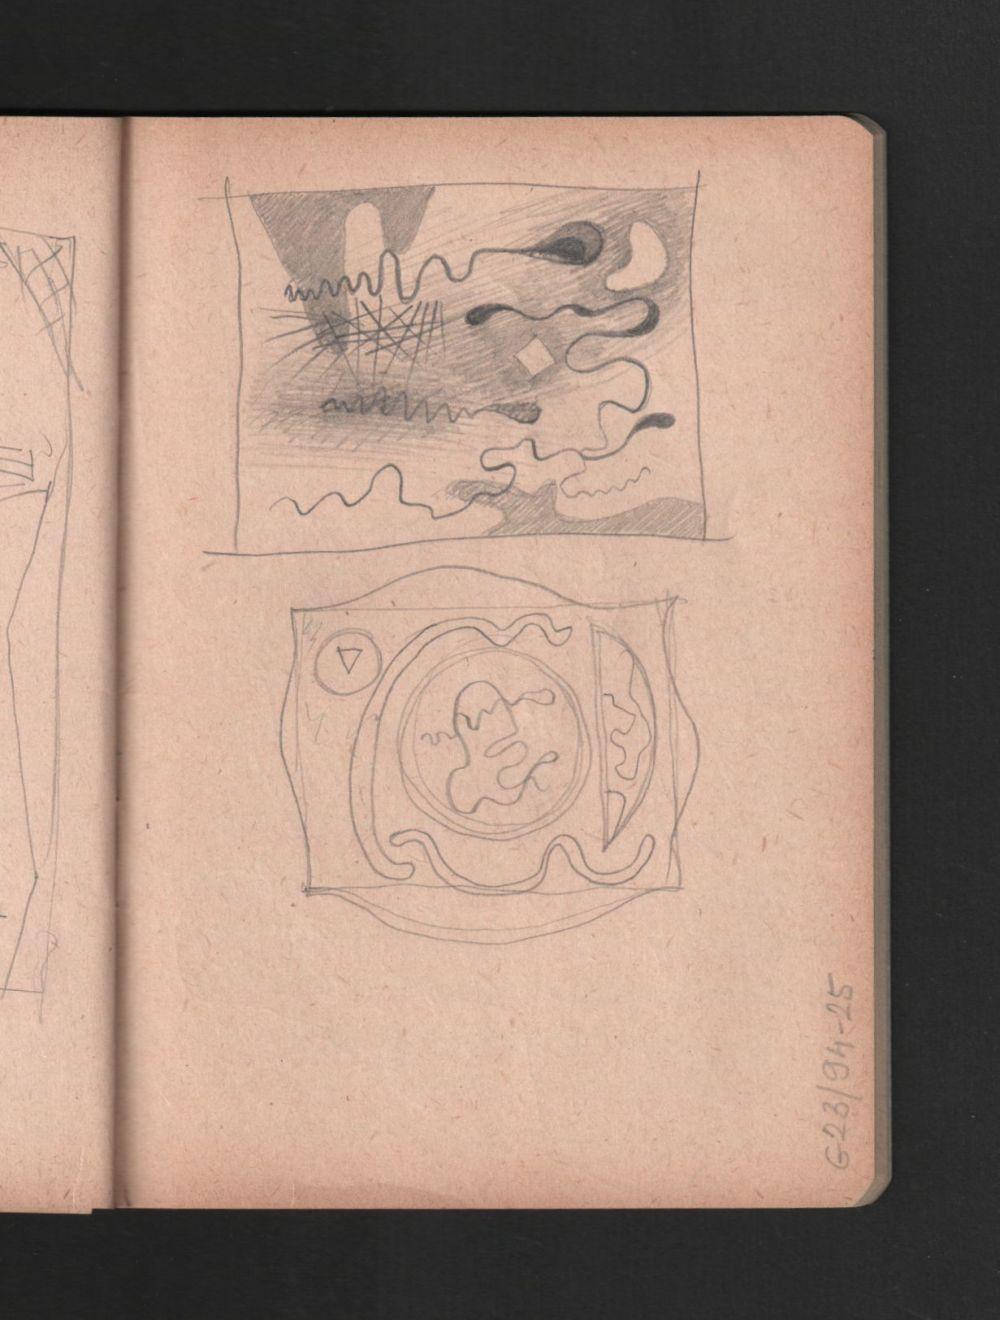 g00094 25 a(23)<br/><b>Cím:</b> Cím nélkül<br/><b>Méret (cm):</b> -<br/><b>Készült:</b> 1948.<br/><b>Technika:</b> ceruza<br/>